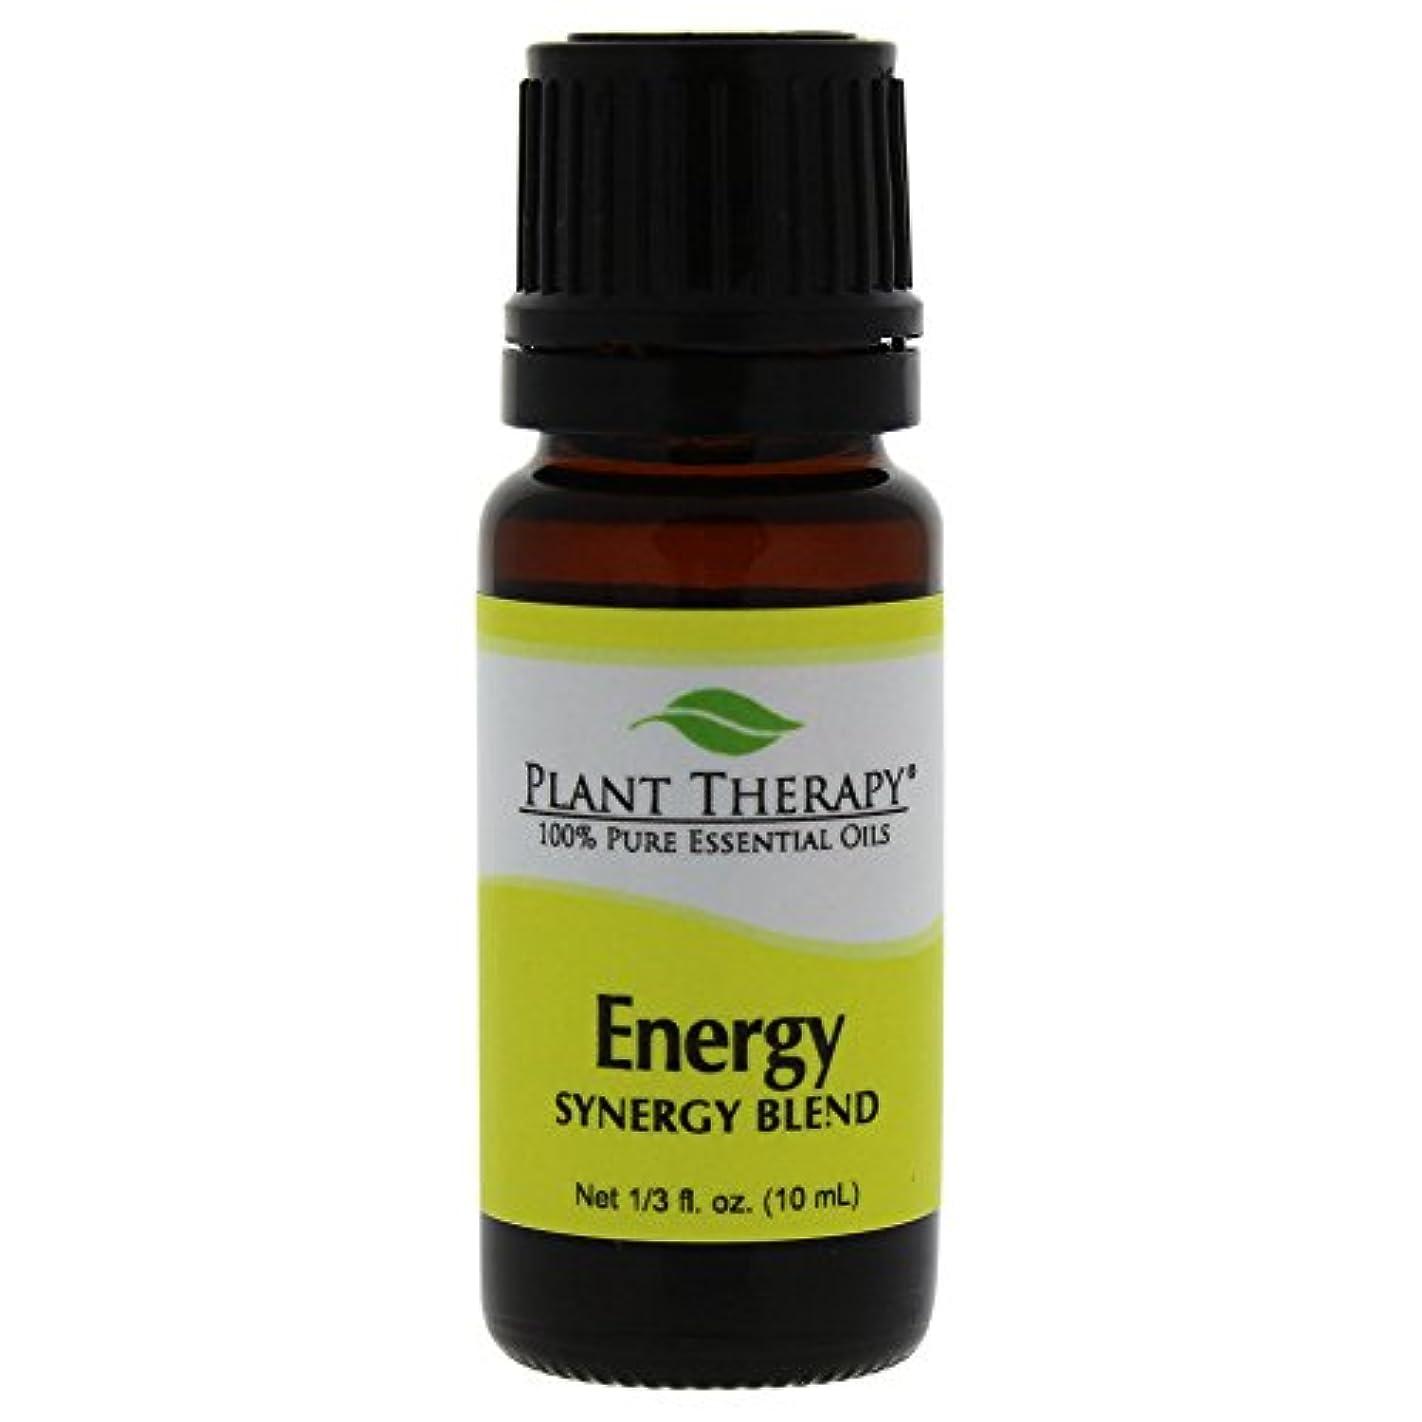 アンデス山脈価値パーツPlant Therapy Essential Oils (プラントセラピー エッセンシャルオイル) エネルギー シネジー エッセンシャルオイル ブレンド (身体的エネルギー)10 ml